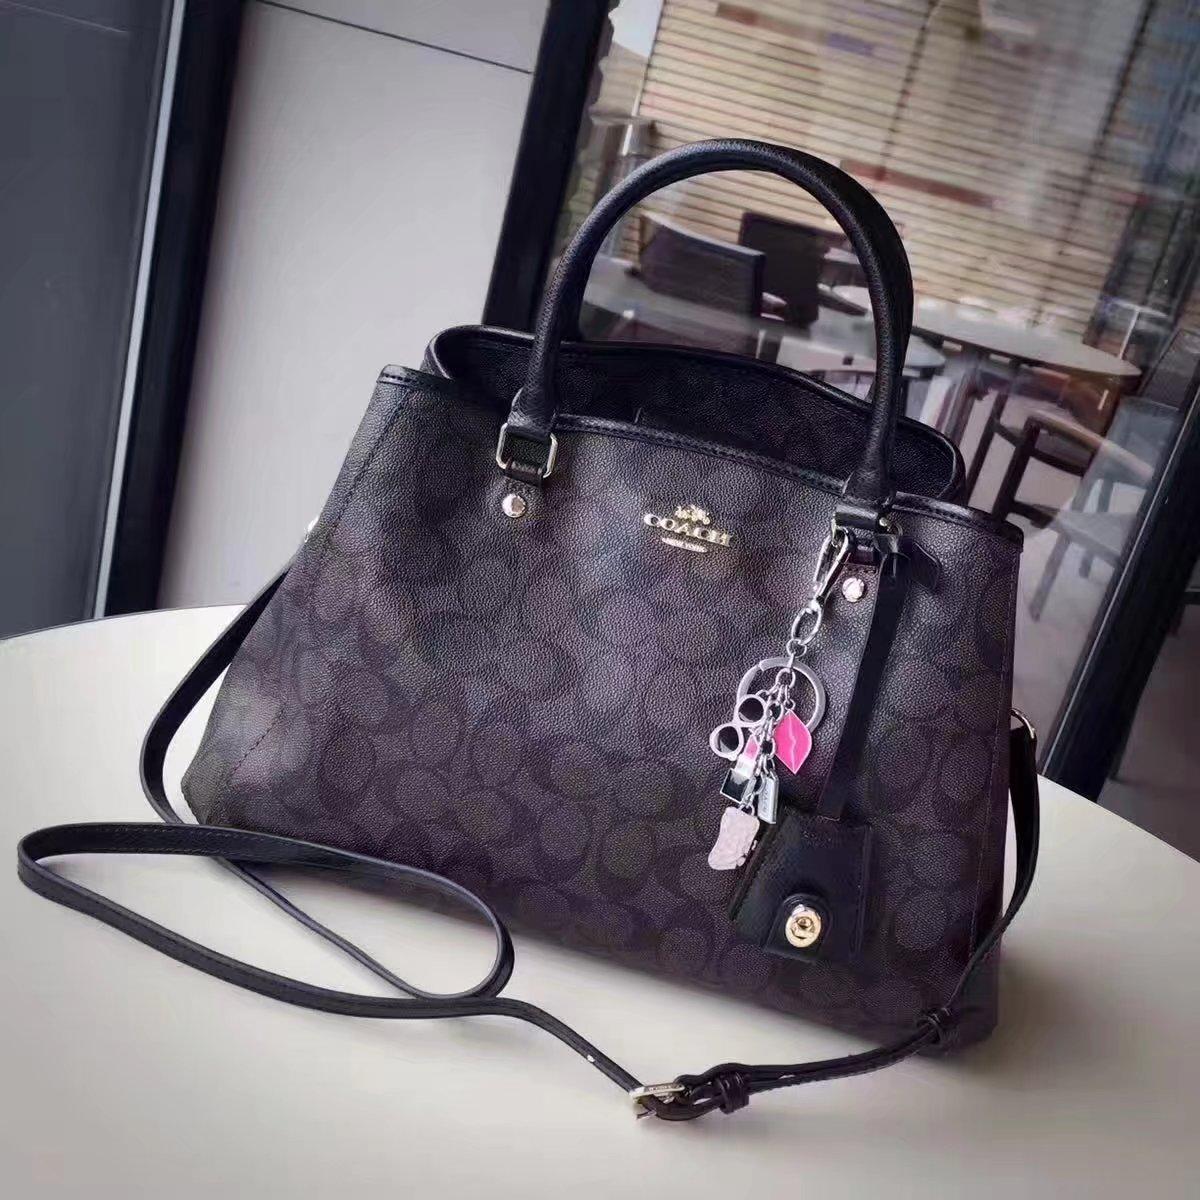 Coach 34608 Women Tote Bag in Signature Jacquard Black